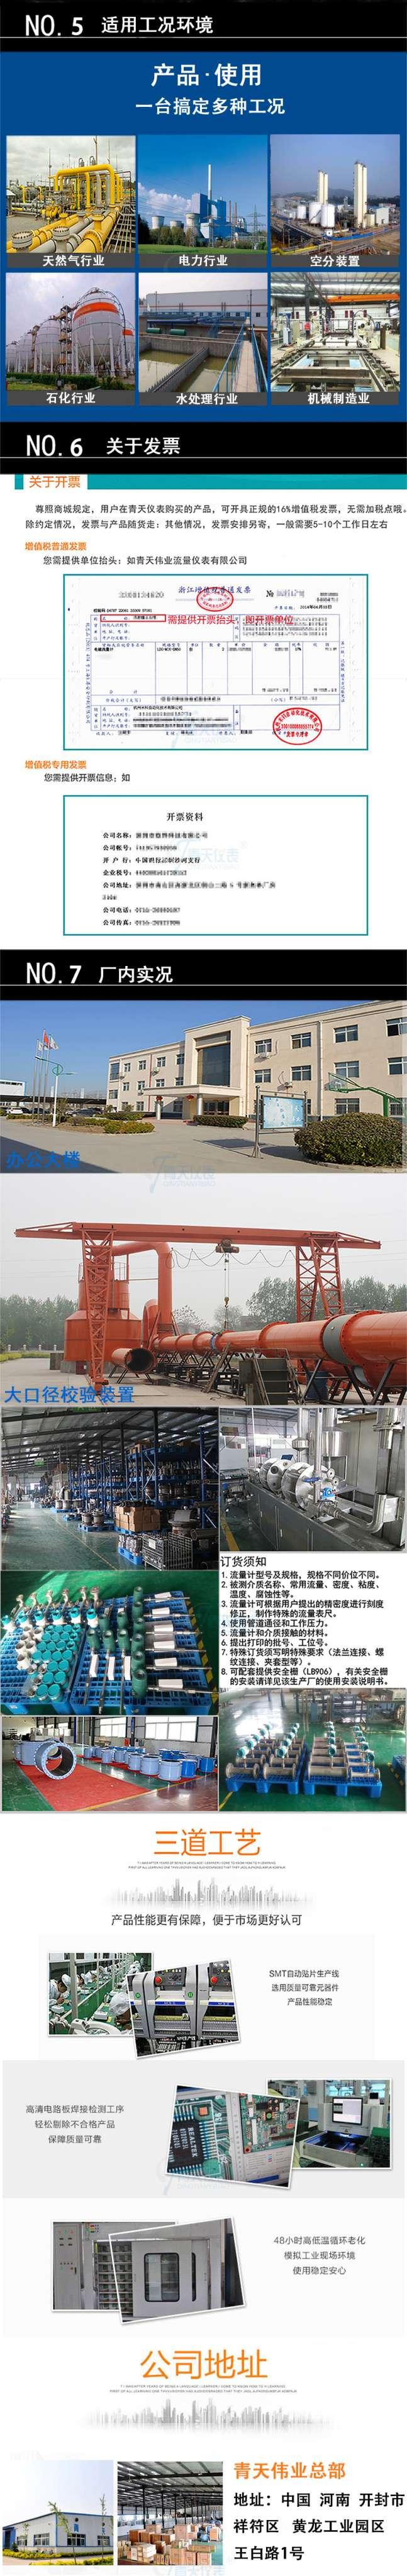 热式气体质量流量计适用范围及工厂实力